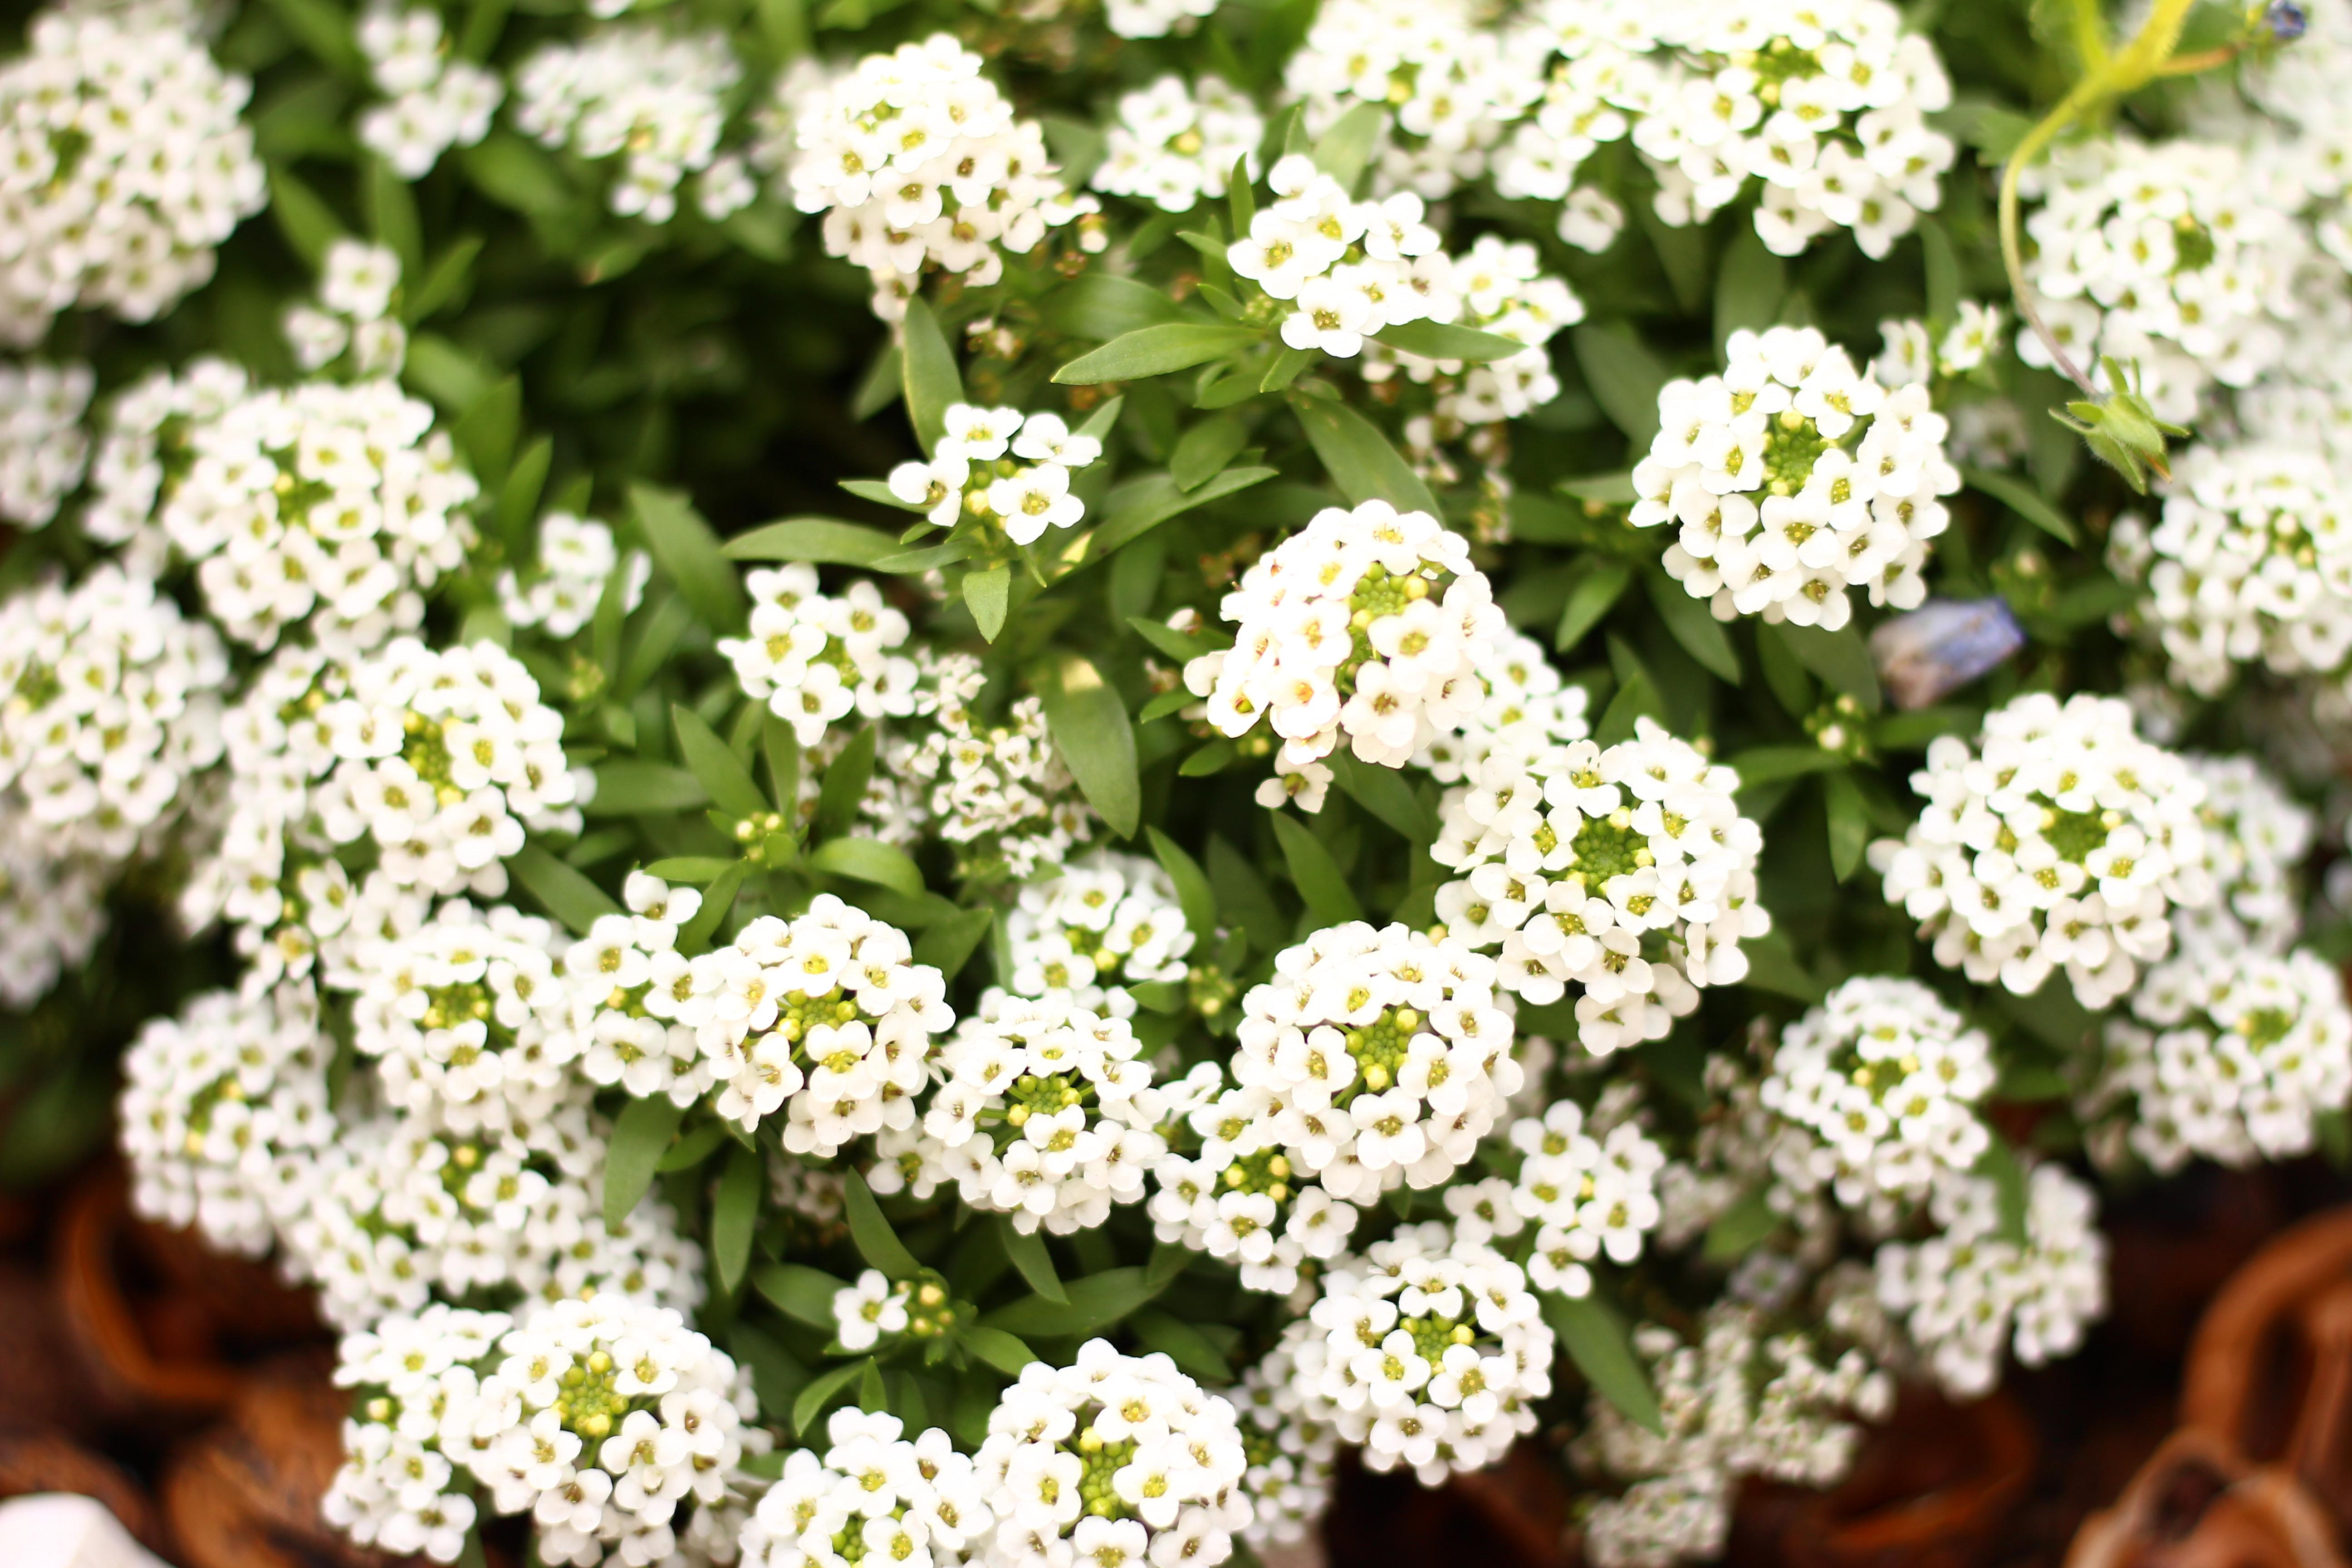 スイートアリッサムは、秋ごろに植え、冬の間でも花が咲くので初心者に向いている植物です。花色は白の他にピンクや紫もあり、カーペット状に広がって咲きます。ハンギングなどにも向いています。  スイートアリッサムは、耐寒性はある程度はありますが、霜に当たるとその部分が枯れてしまいますので、霜よけをすることをおすすめします。花を咲かせながら茎を伸ばすので、花が散って茎が伸びてきたら花がらを摘みましょう。高温多湿には弱く、夏には枯れてしまうことが多いです。